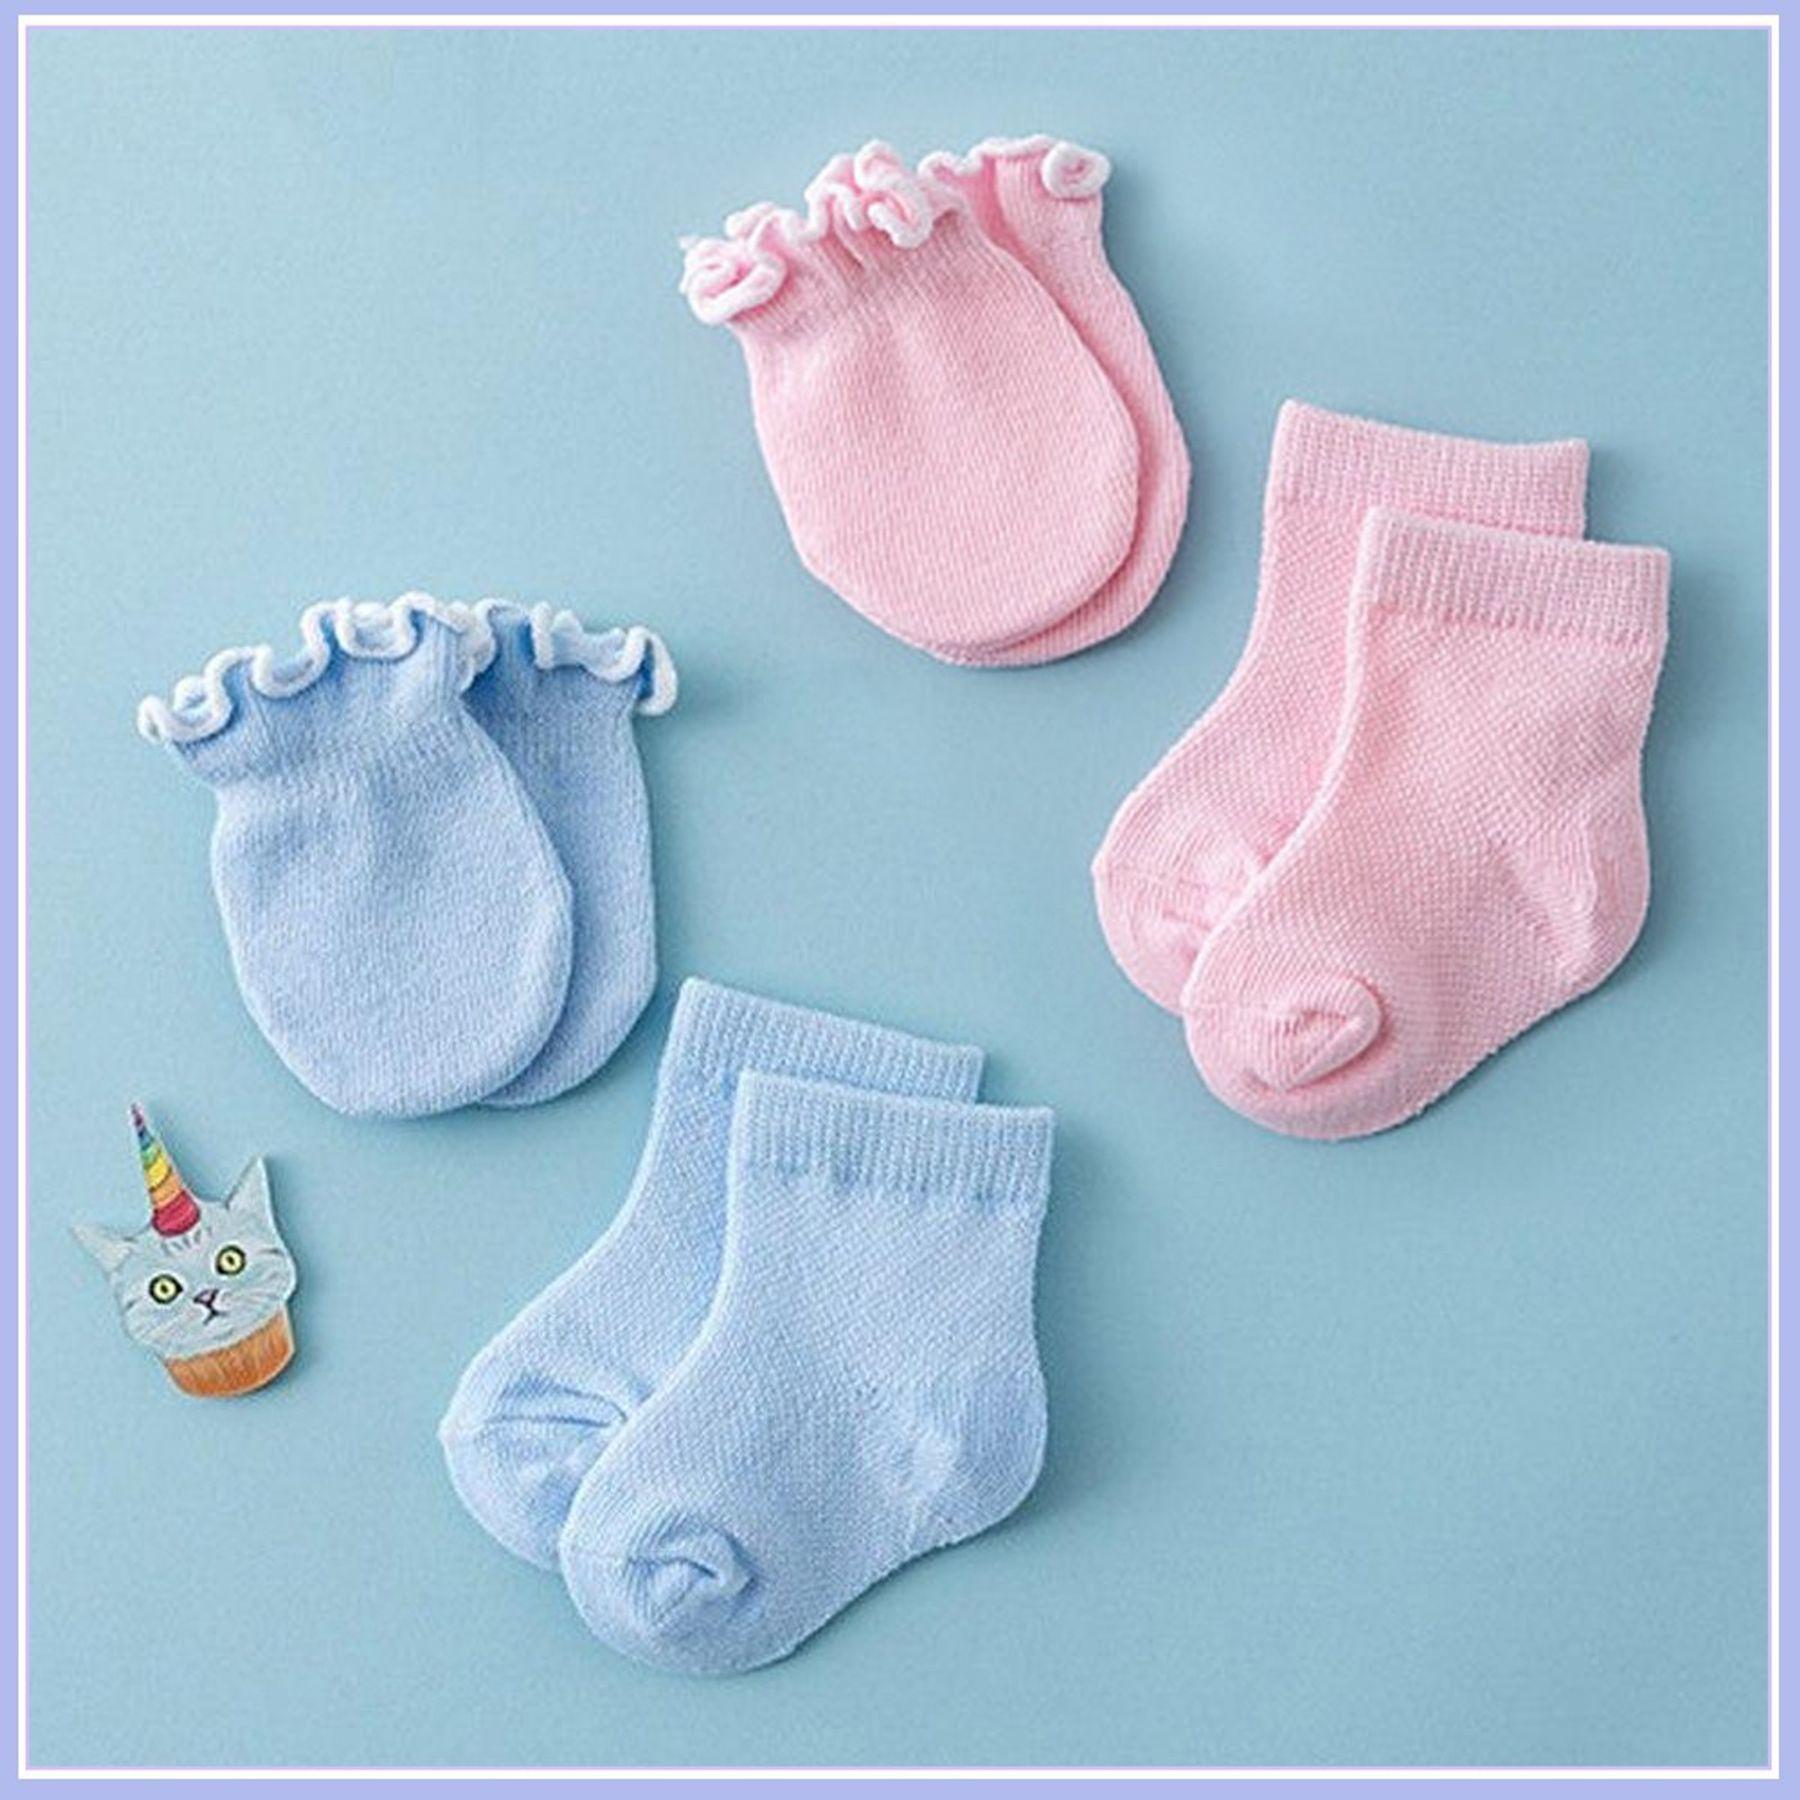 Bao tay, vớ chân cho trẻ sơ sinh